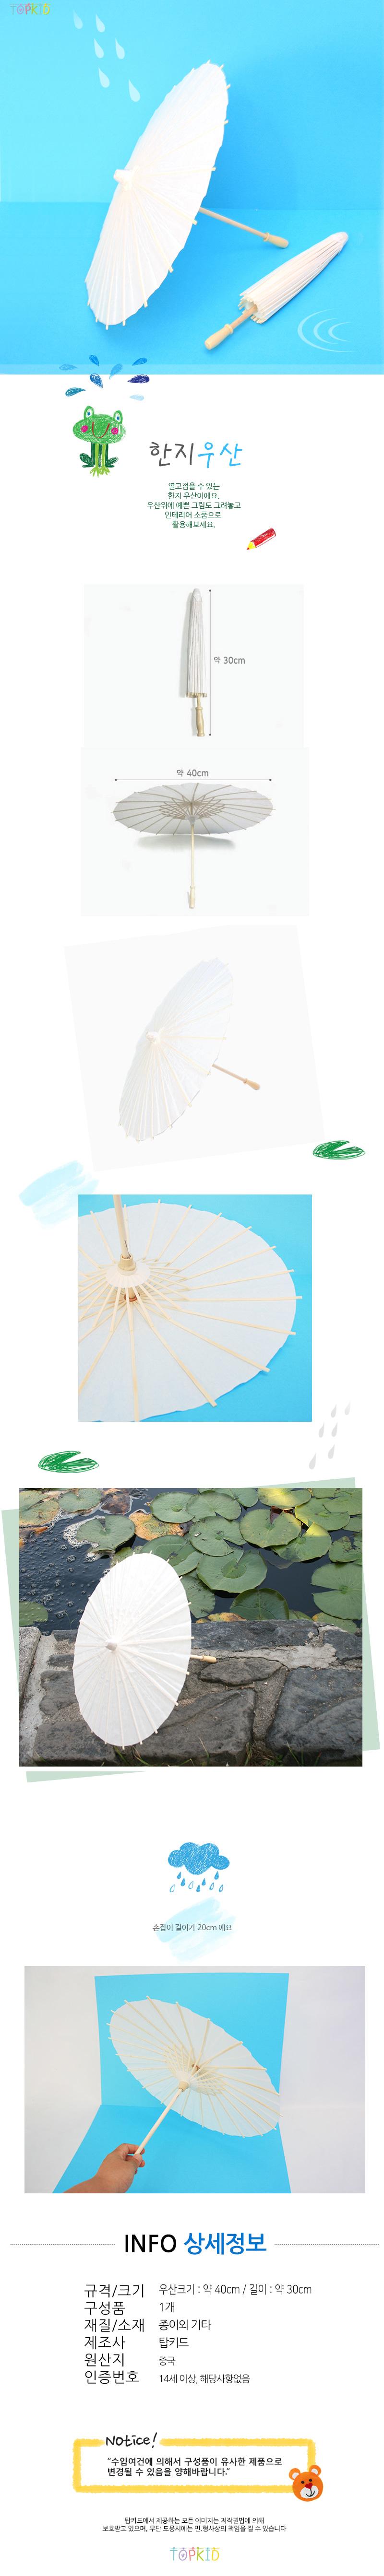 한지우산(40cm) - 하비파티, 3,000원, 파티용품, 데코/장식용품